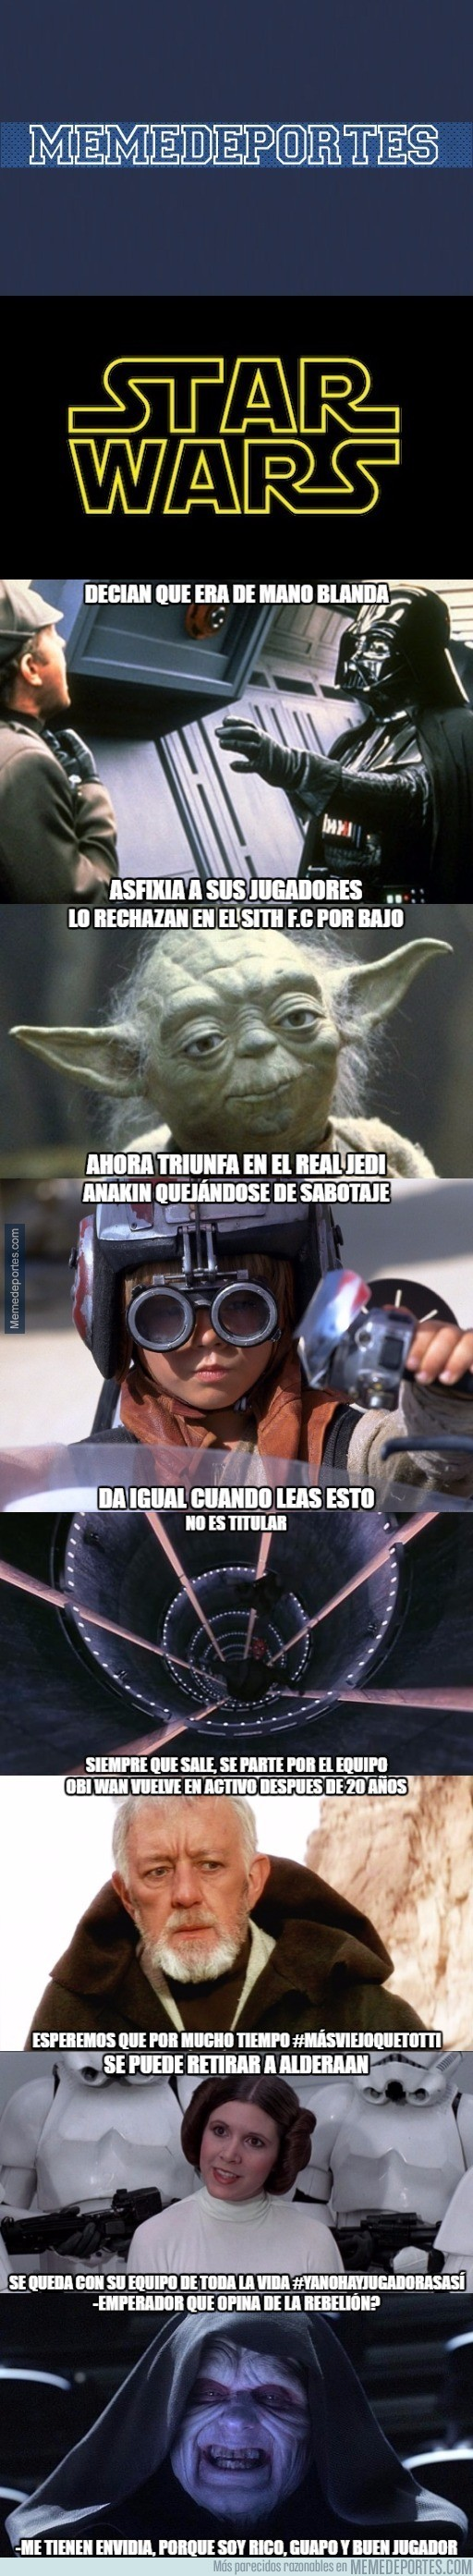 936046 - Star Wars: Edición Memedeportes